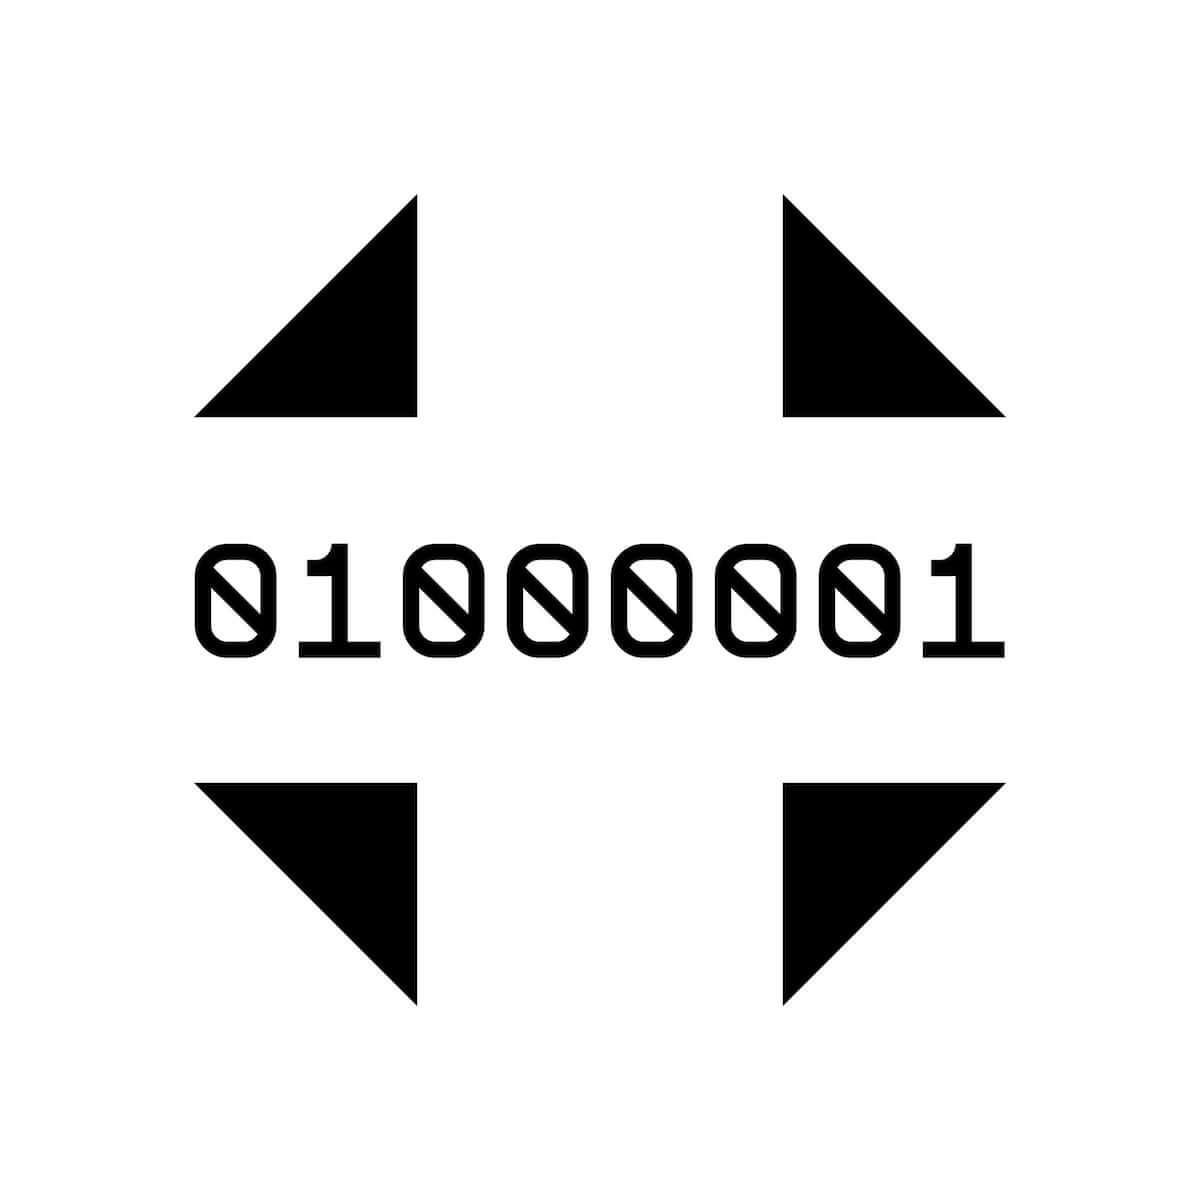 大阪を拠点に活動するYuri UranoがEP「Autline」を9月に〈CPU〉からリリース music180829-yuri-yrano-2-1200x1200